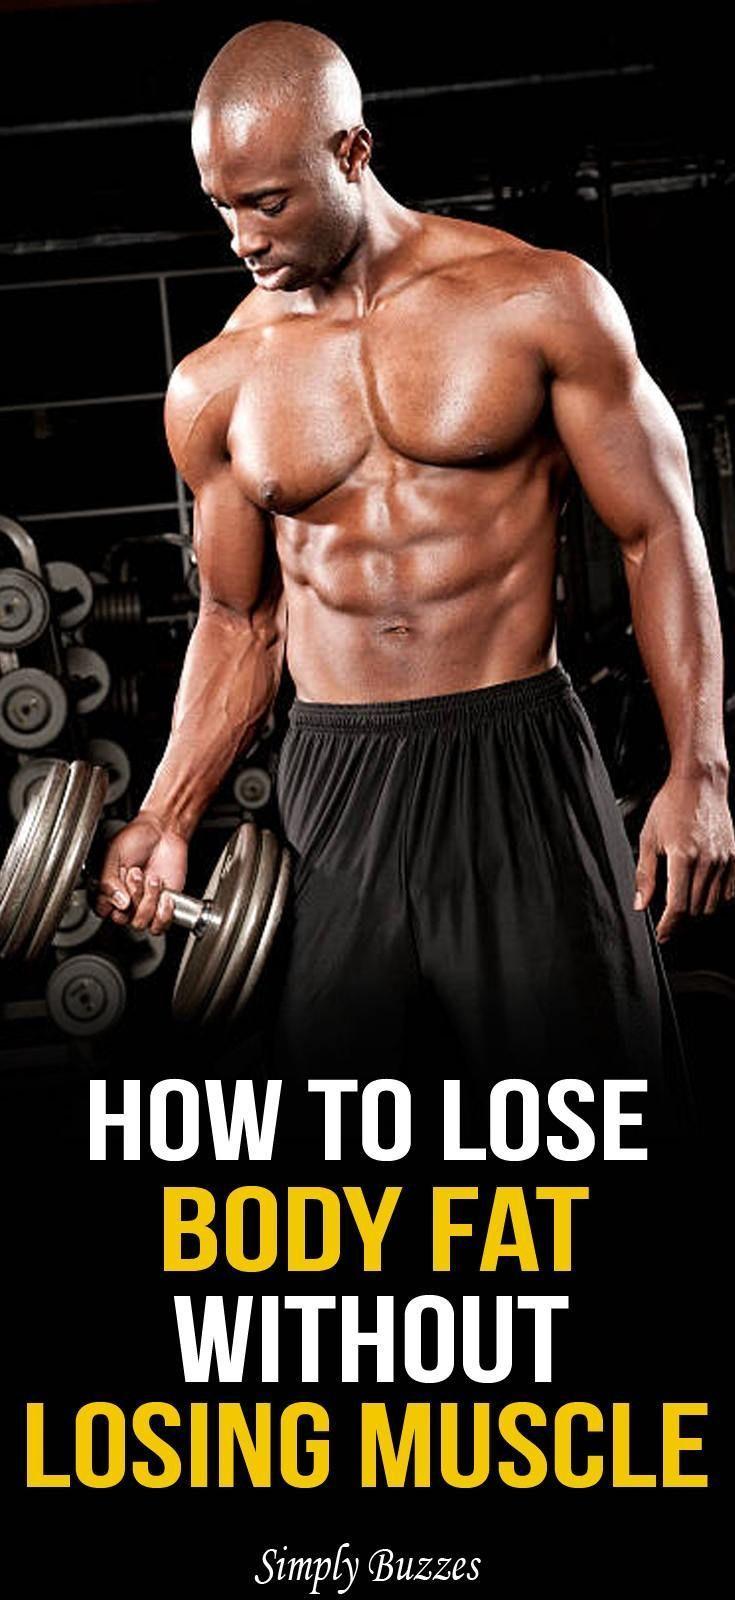 Pin on fitness tips for men